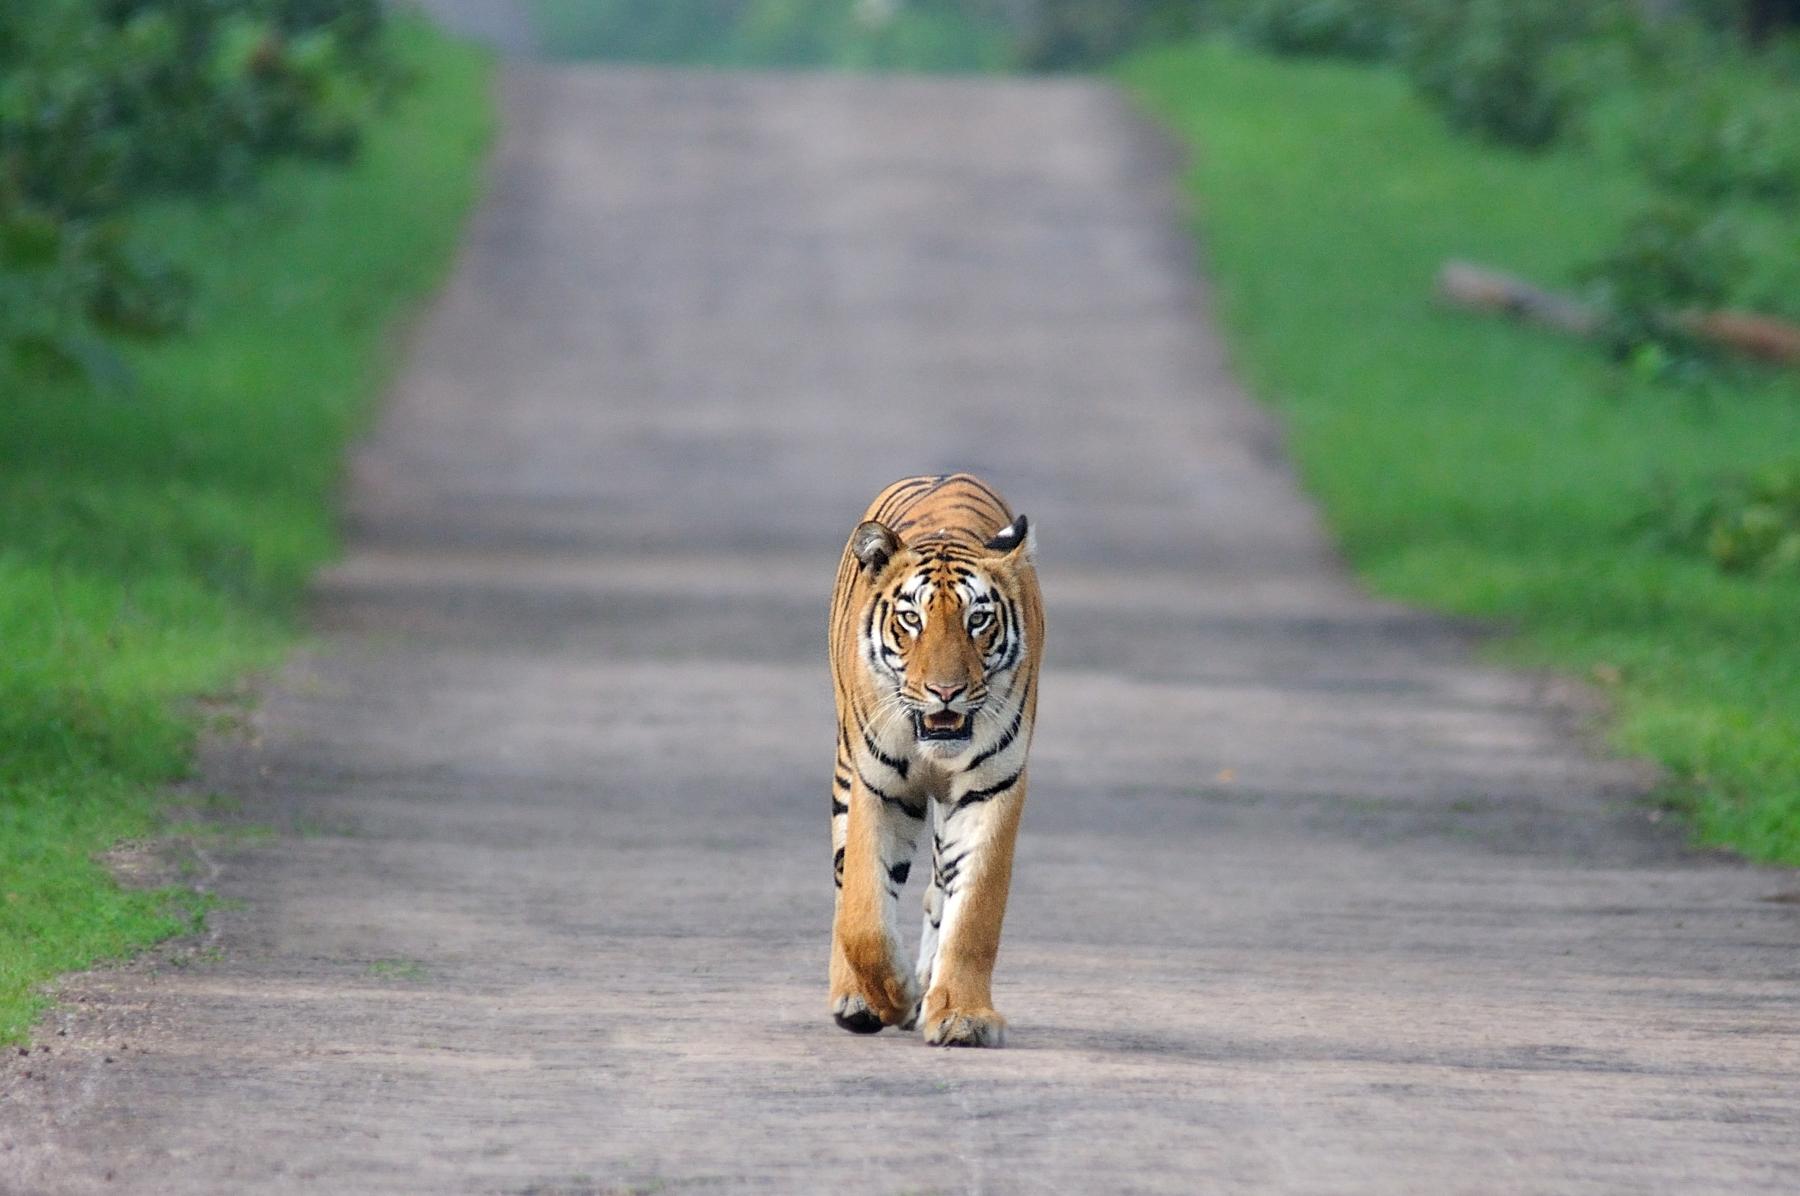 युवराज गुर्जर द्वारा ली गयी, भारतीय टाइगर की तस्वीर